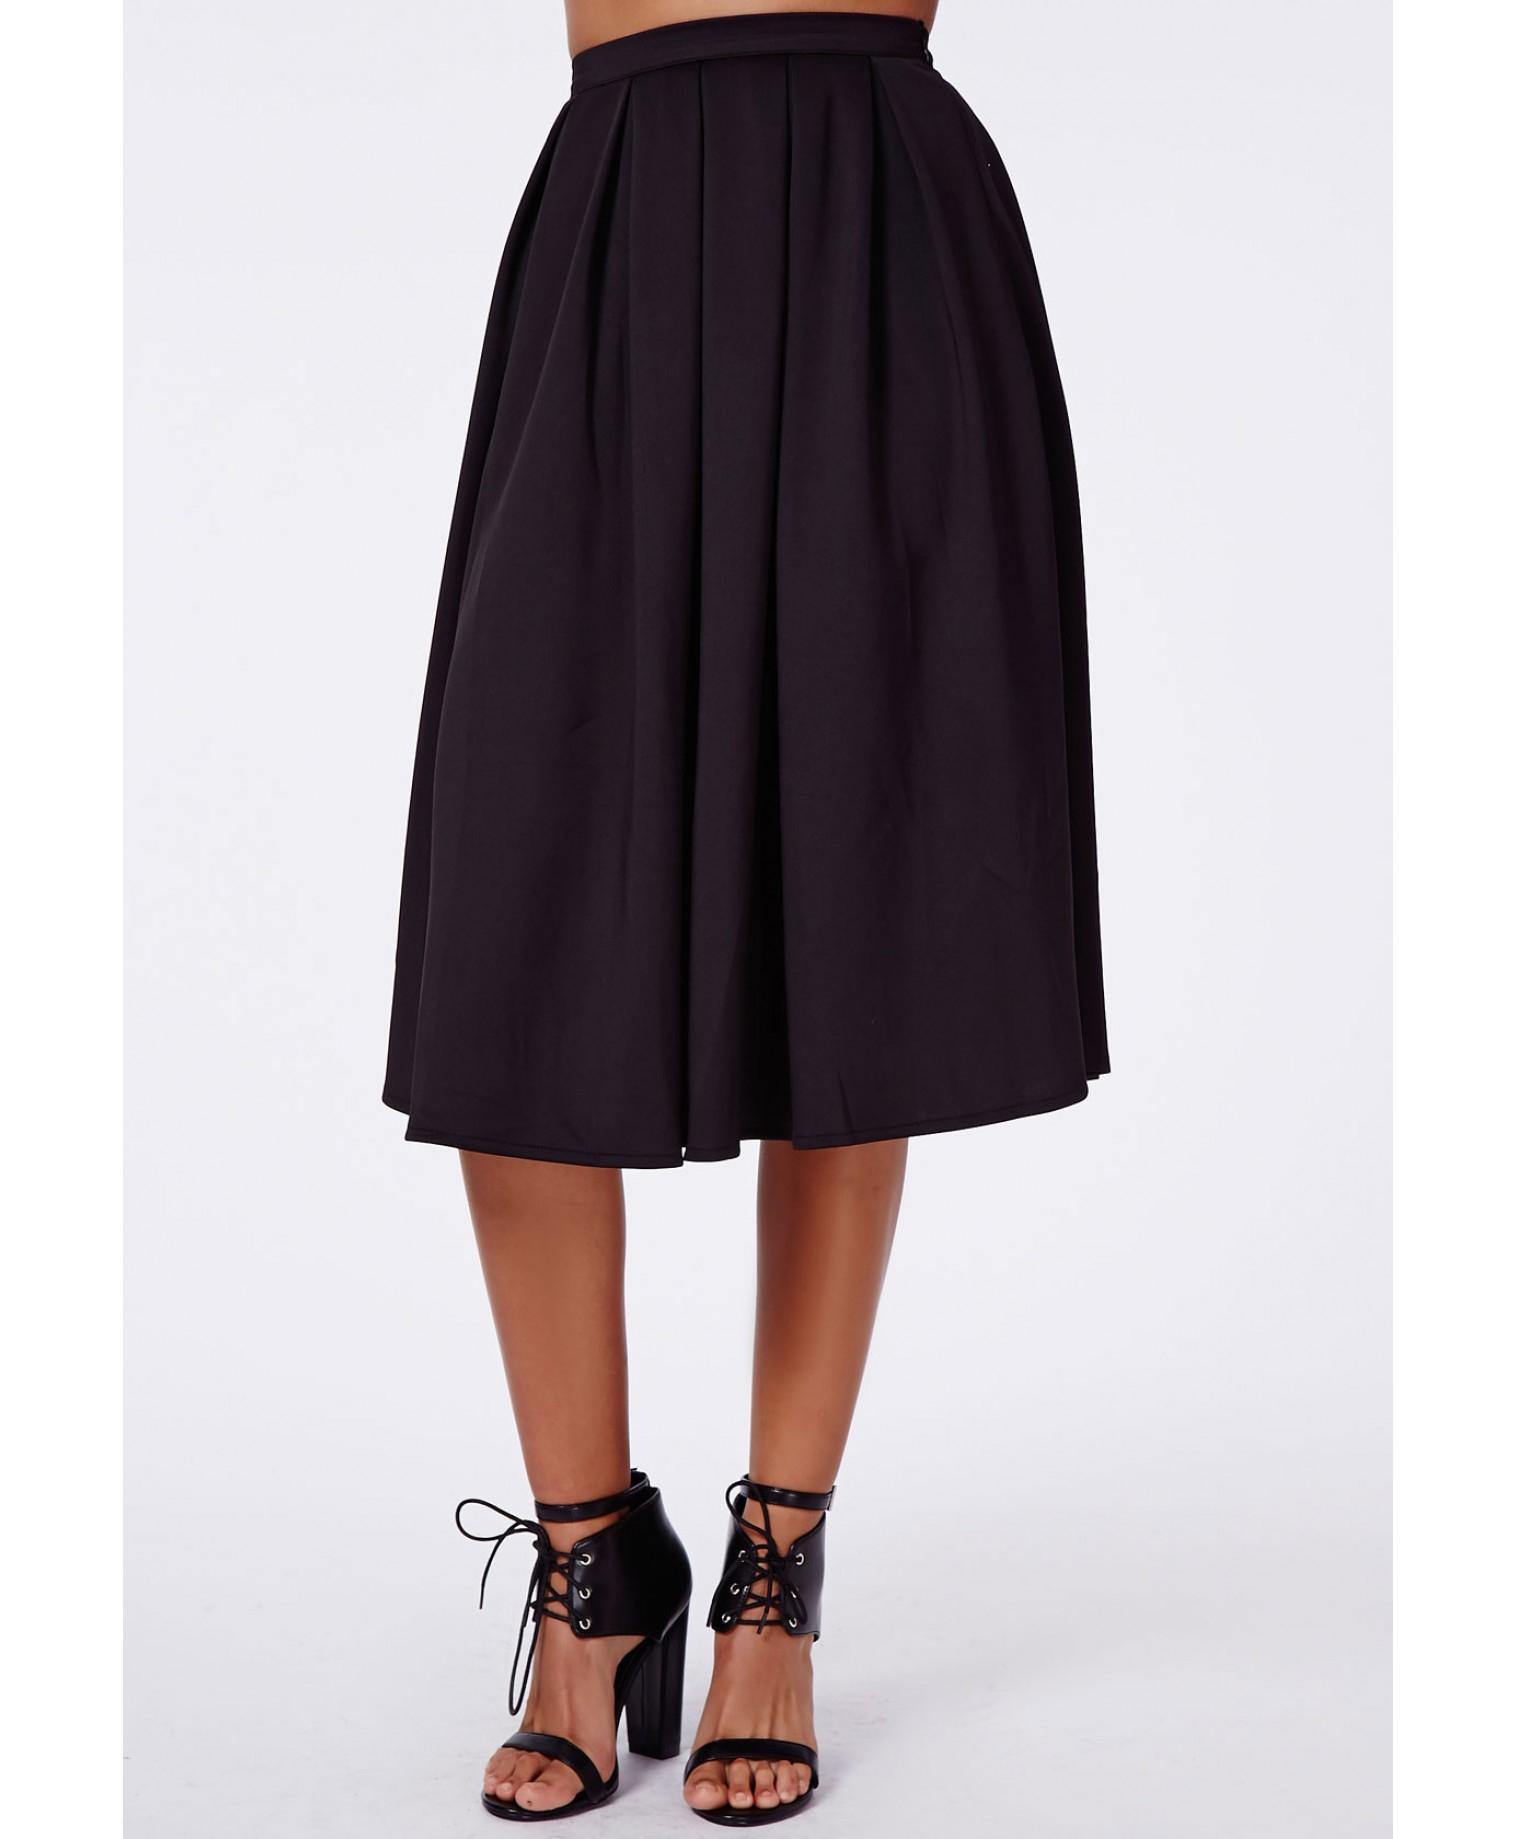 missguided auberta pleated midi skirt black in black lyst